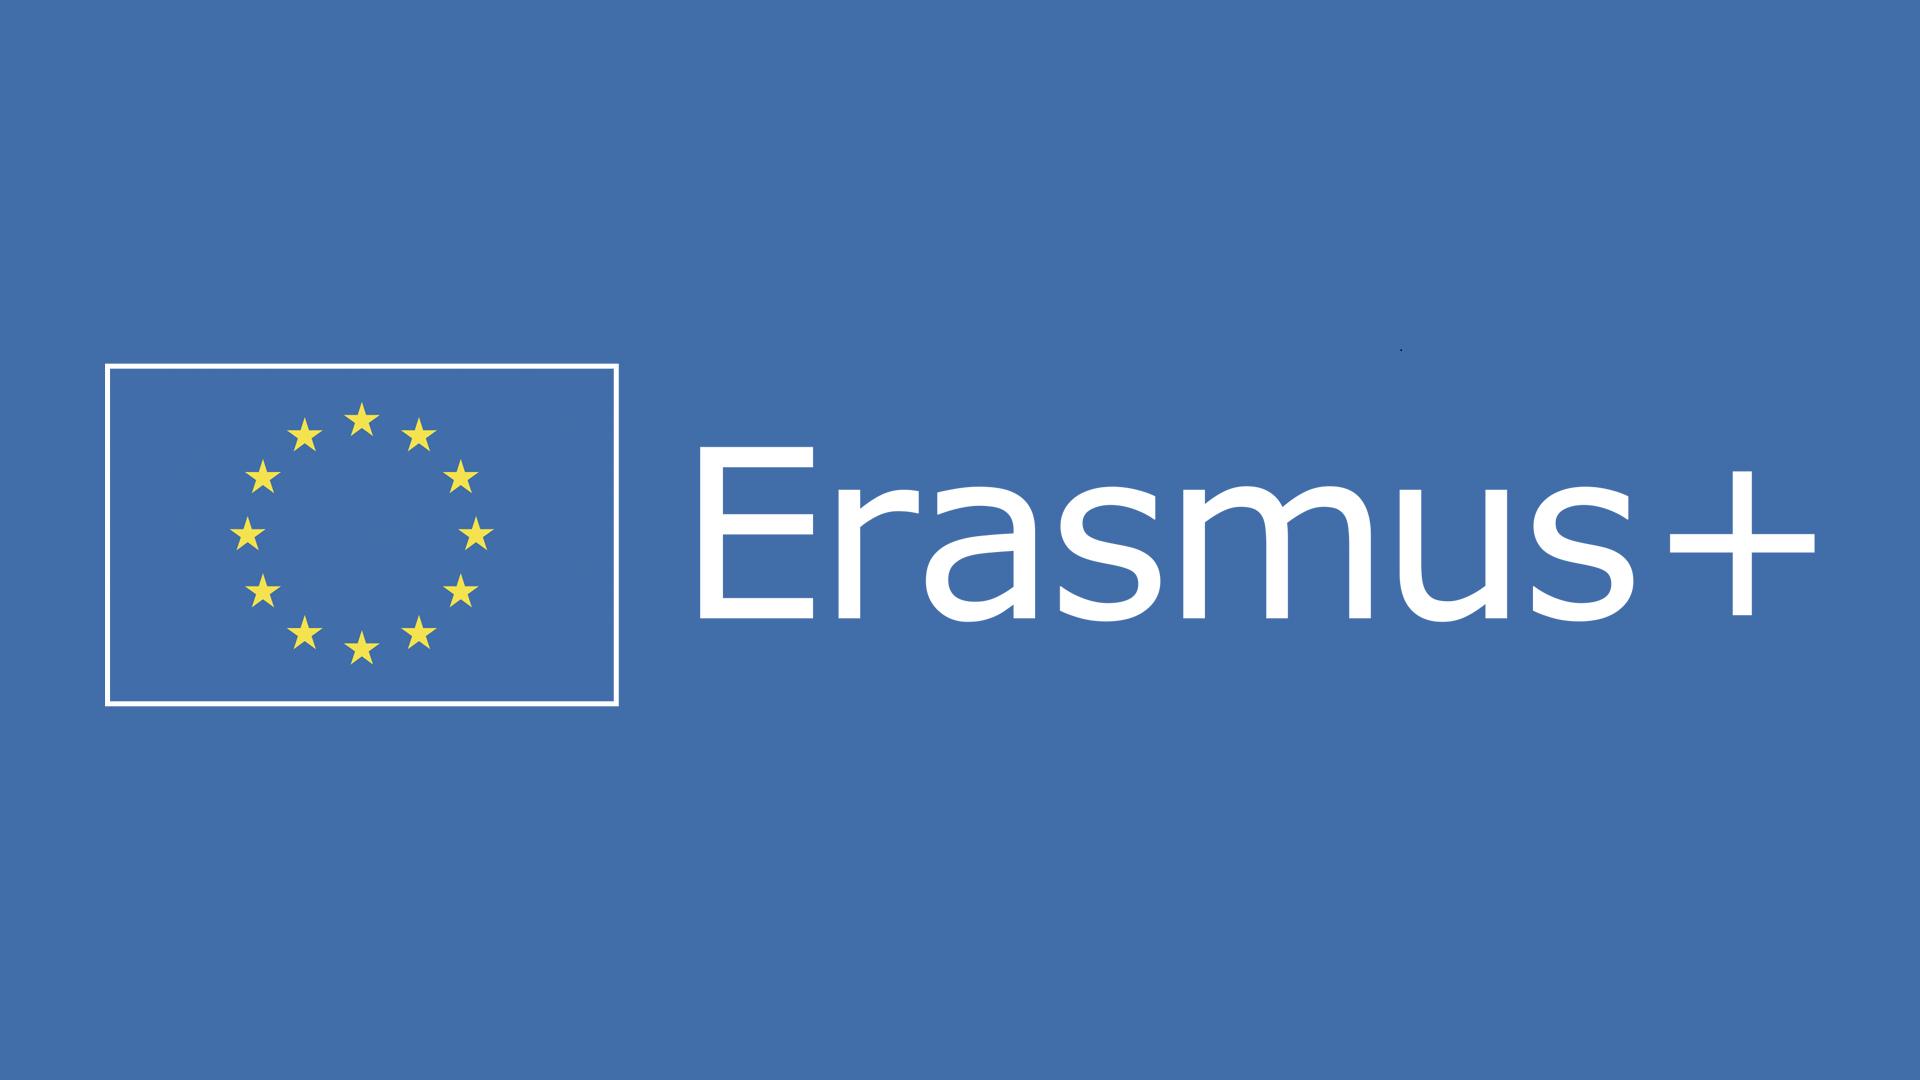 Erasmus